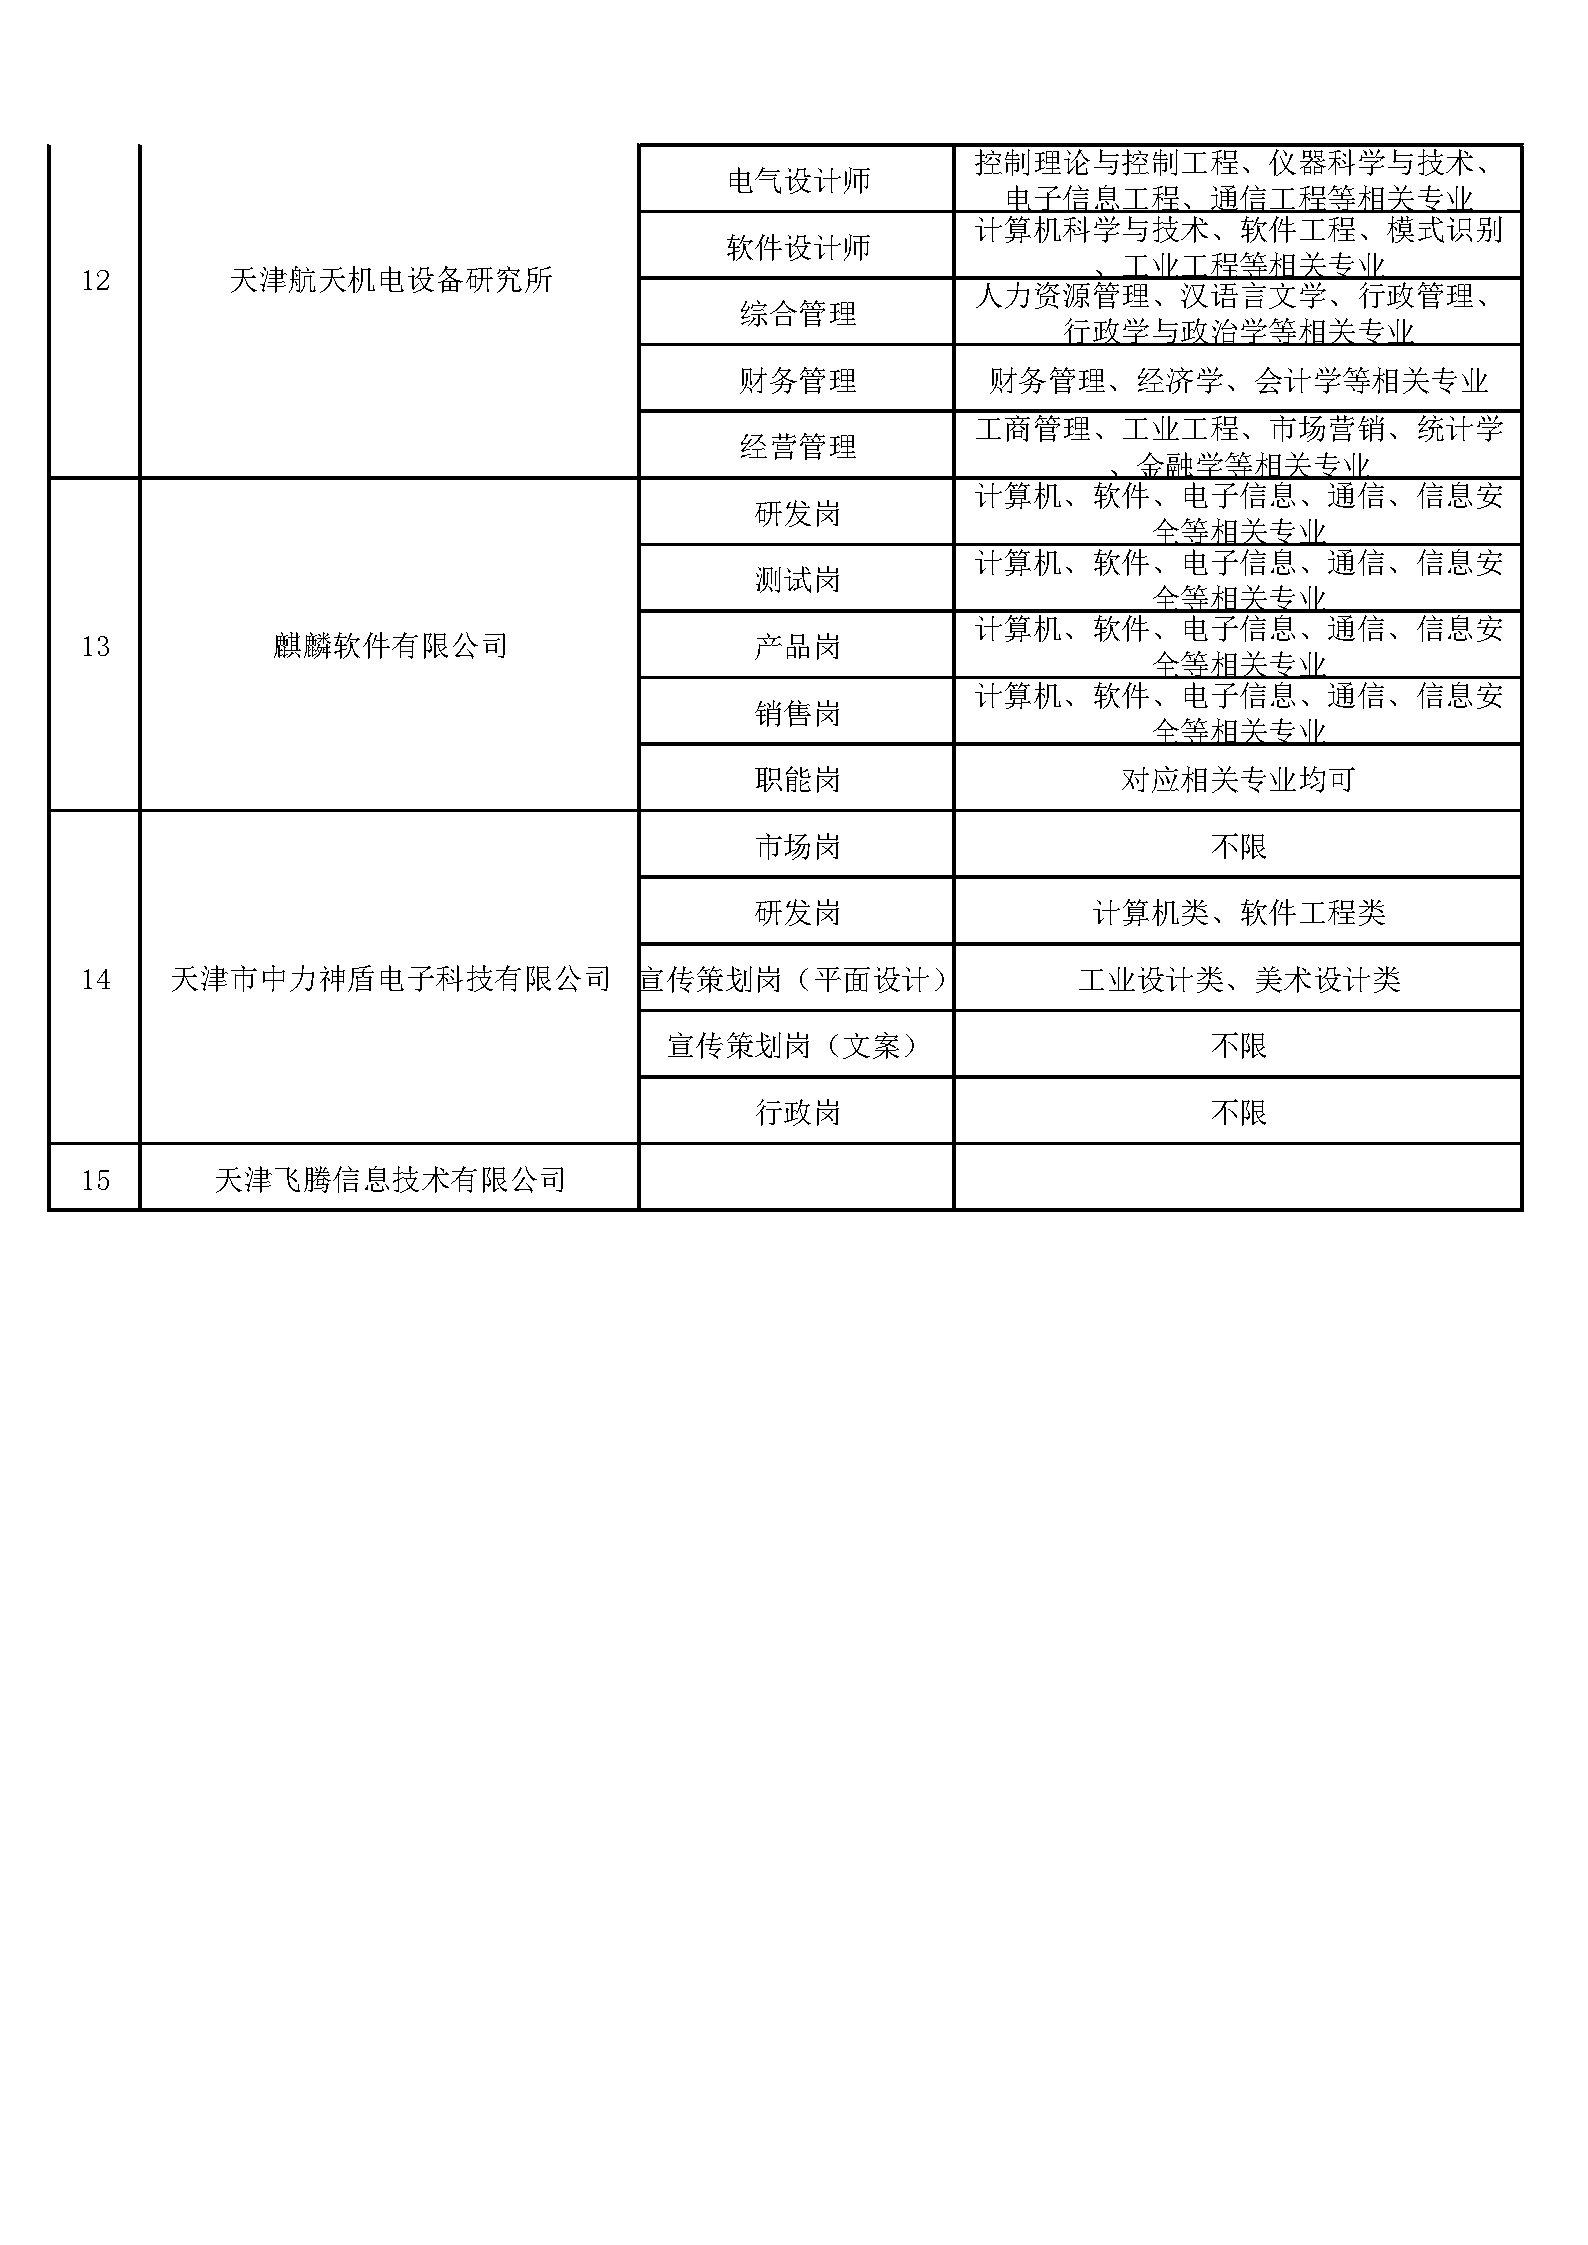 高新区报名企业汇总表_Page3.jpg